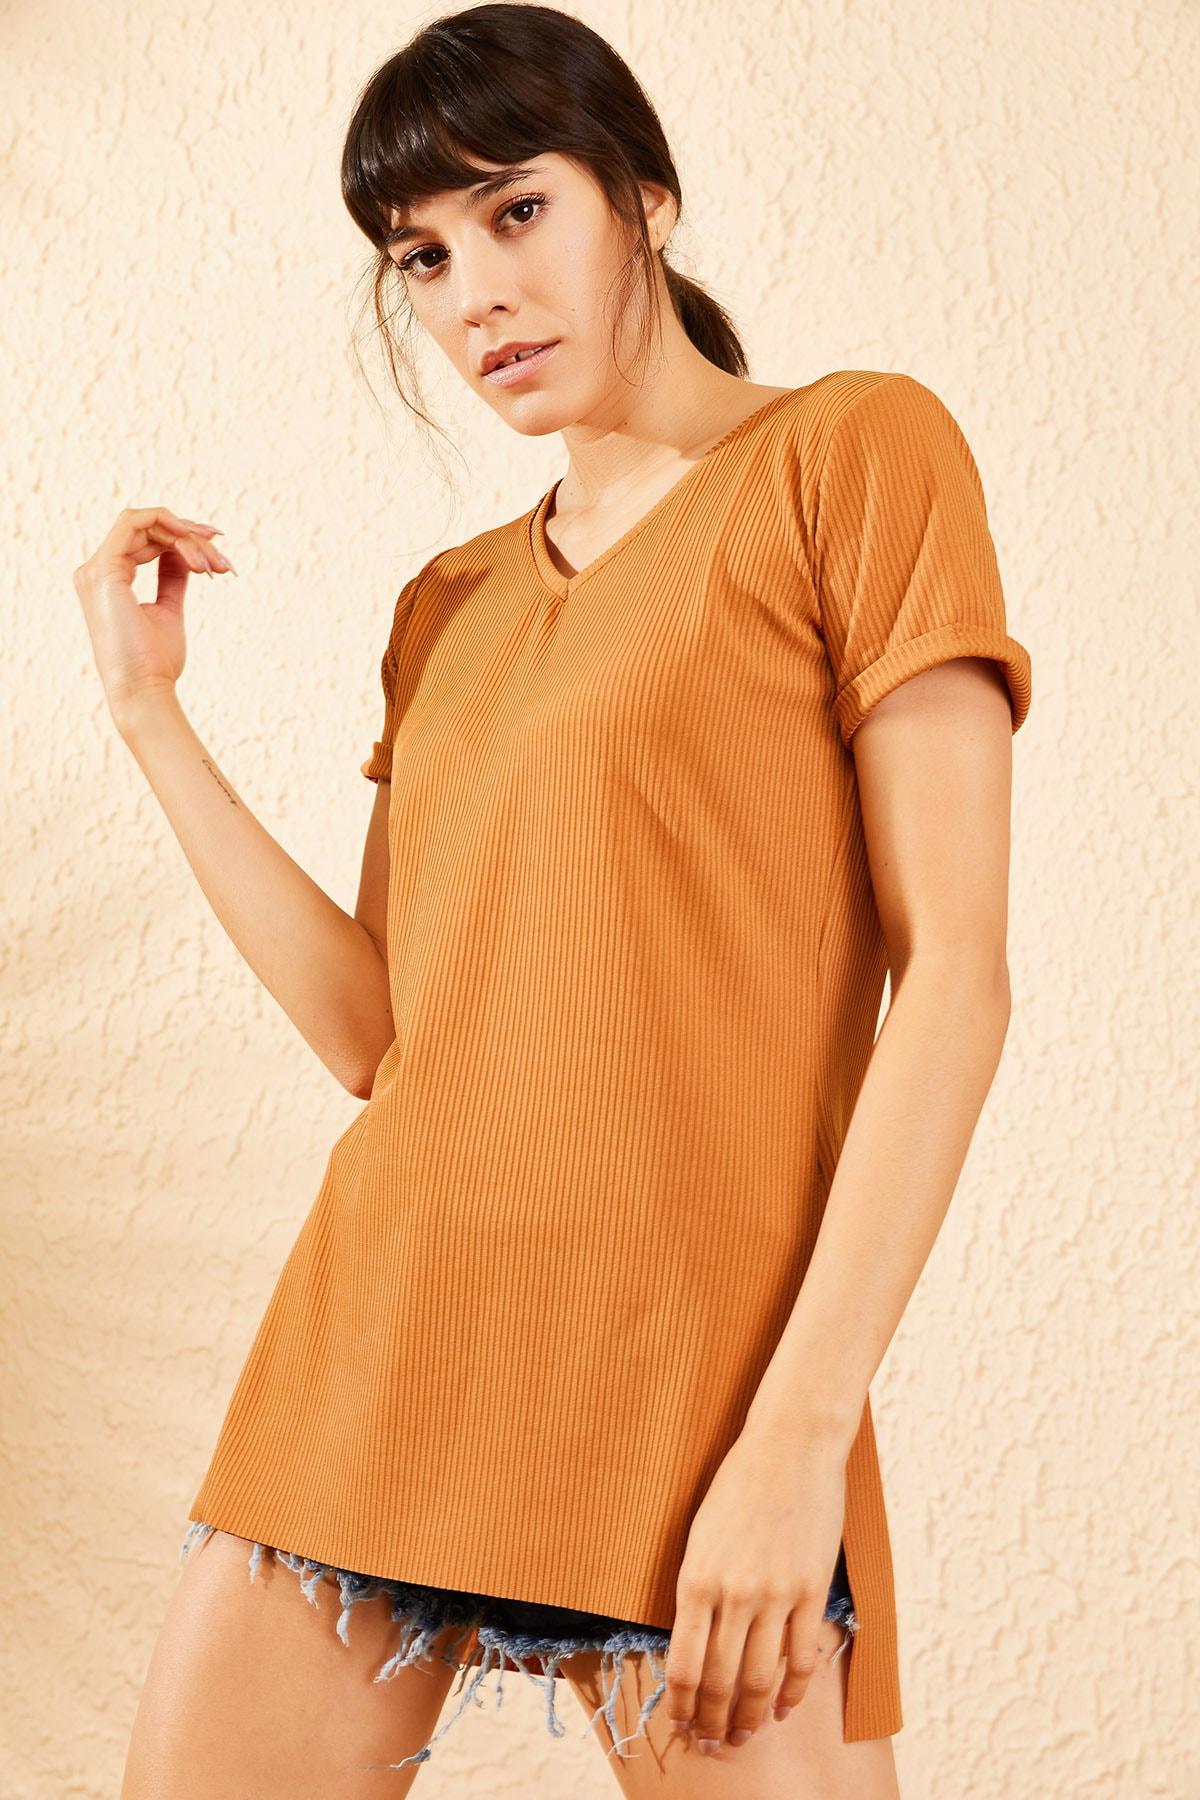 Bianco Lucci Kadın Taba Kol Yan Yırtmaçlı Kol Detay Kaşkorse T-Shirt 10051012 3